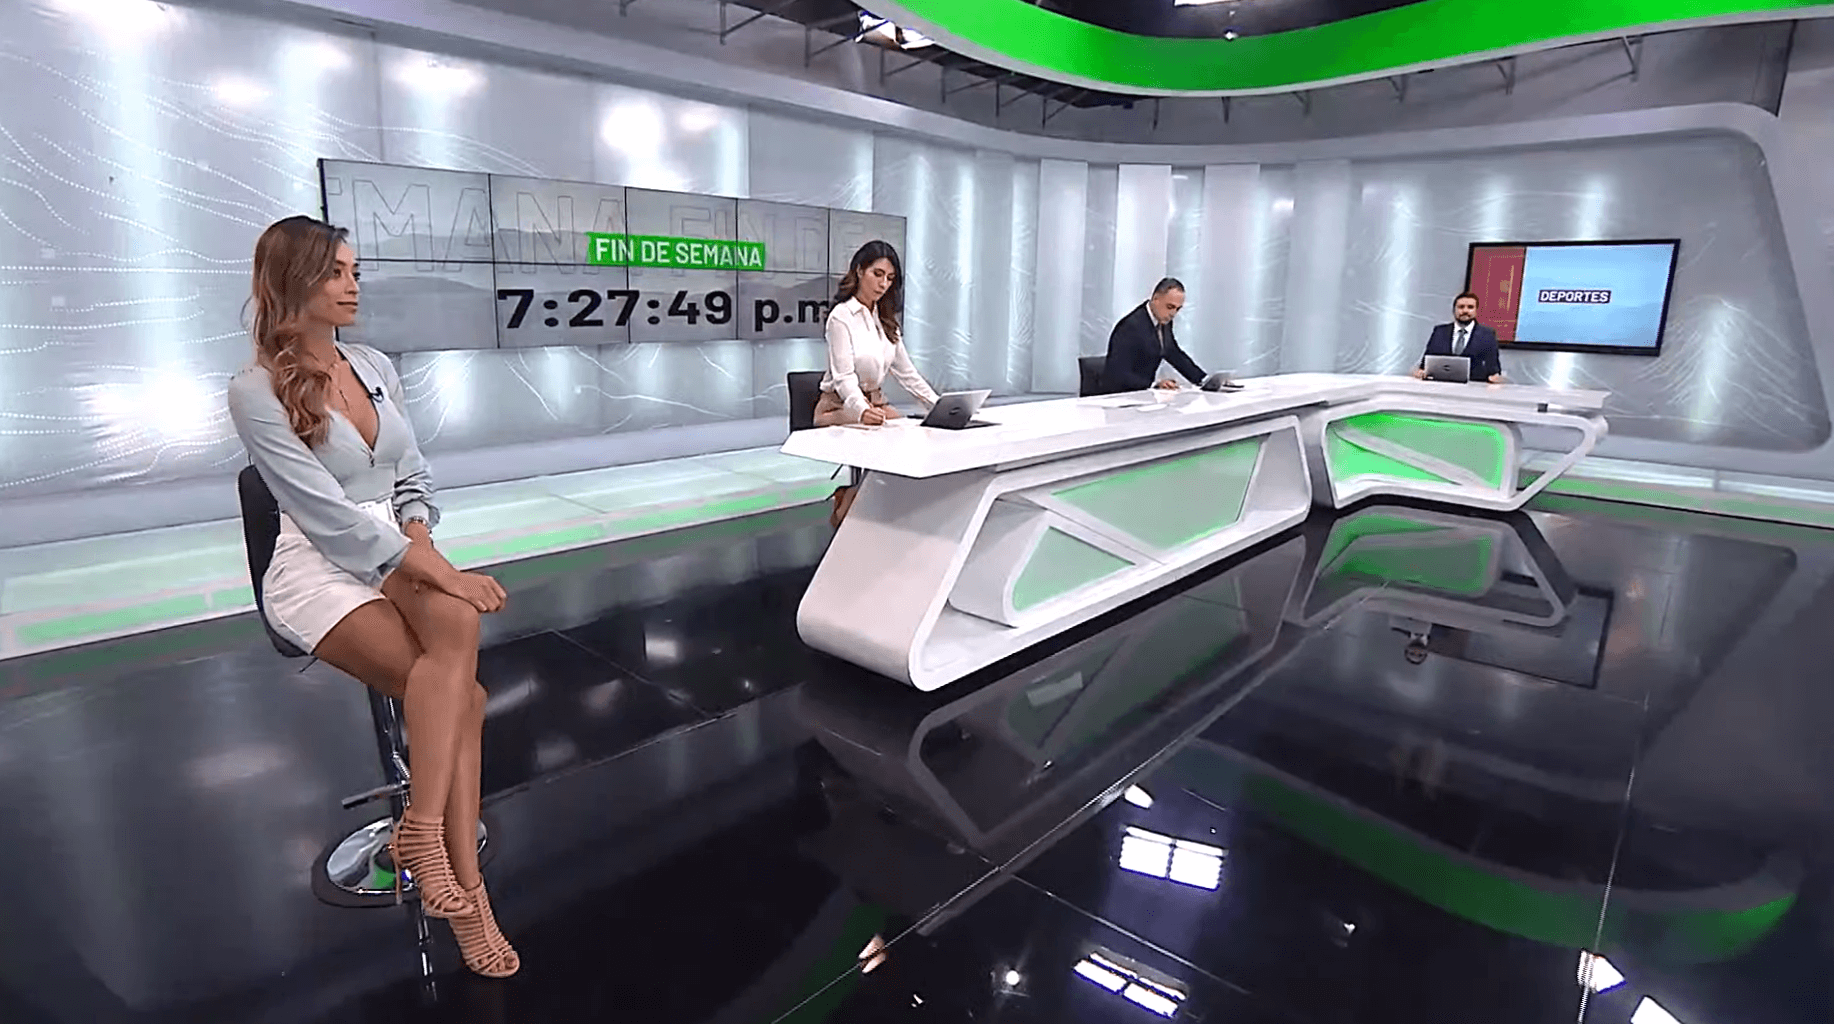 Teleantioquia Noticias – domingo 04 de marzo de 2021 noche